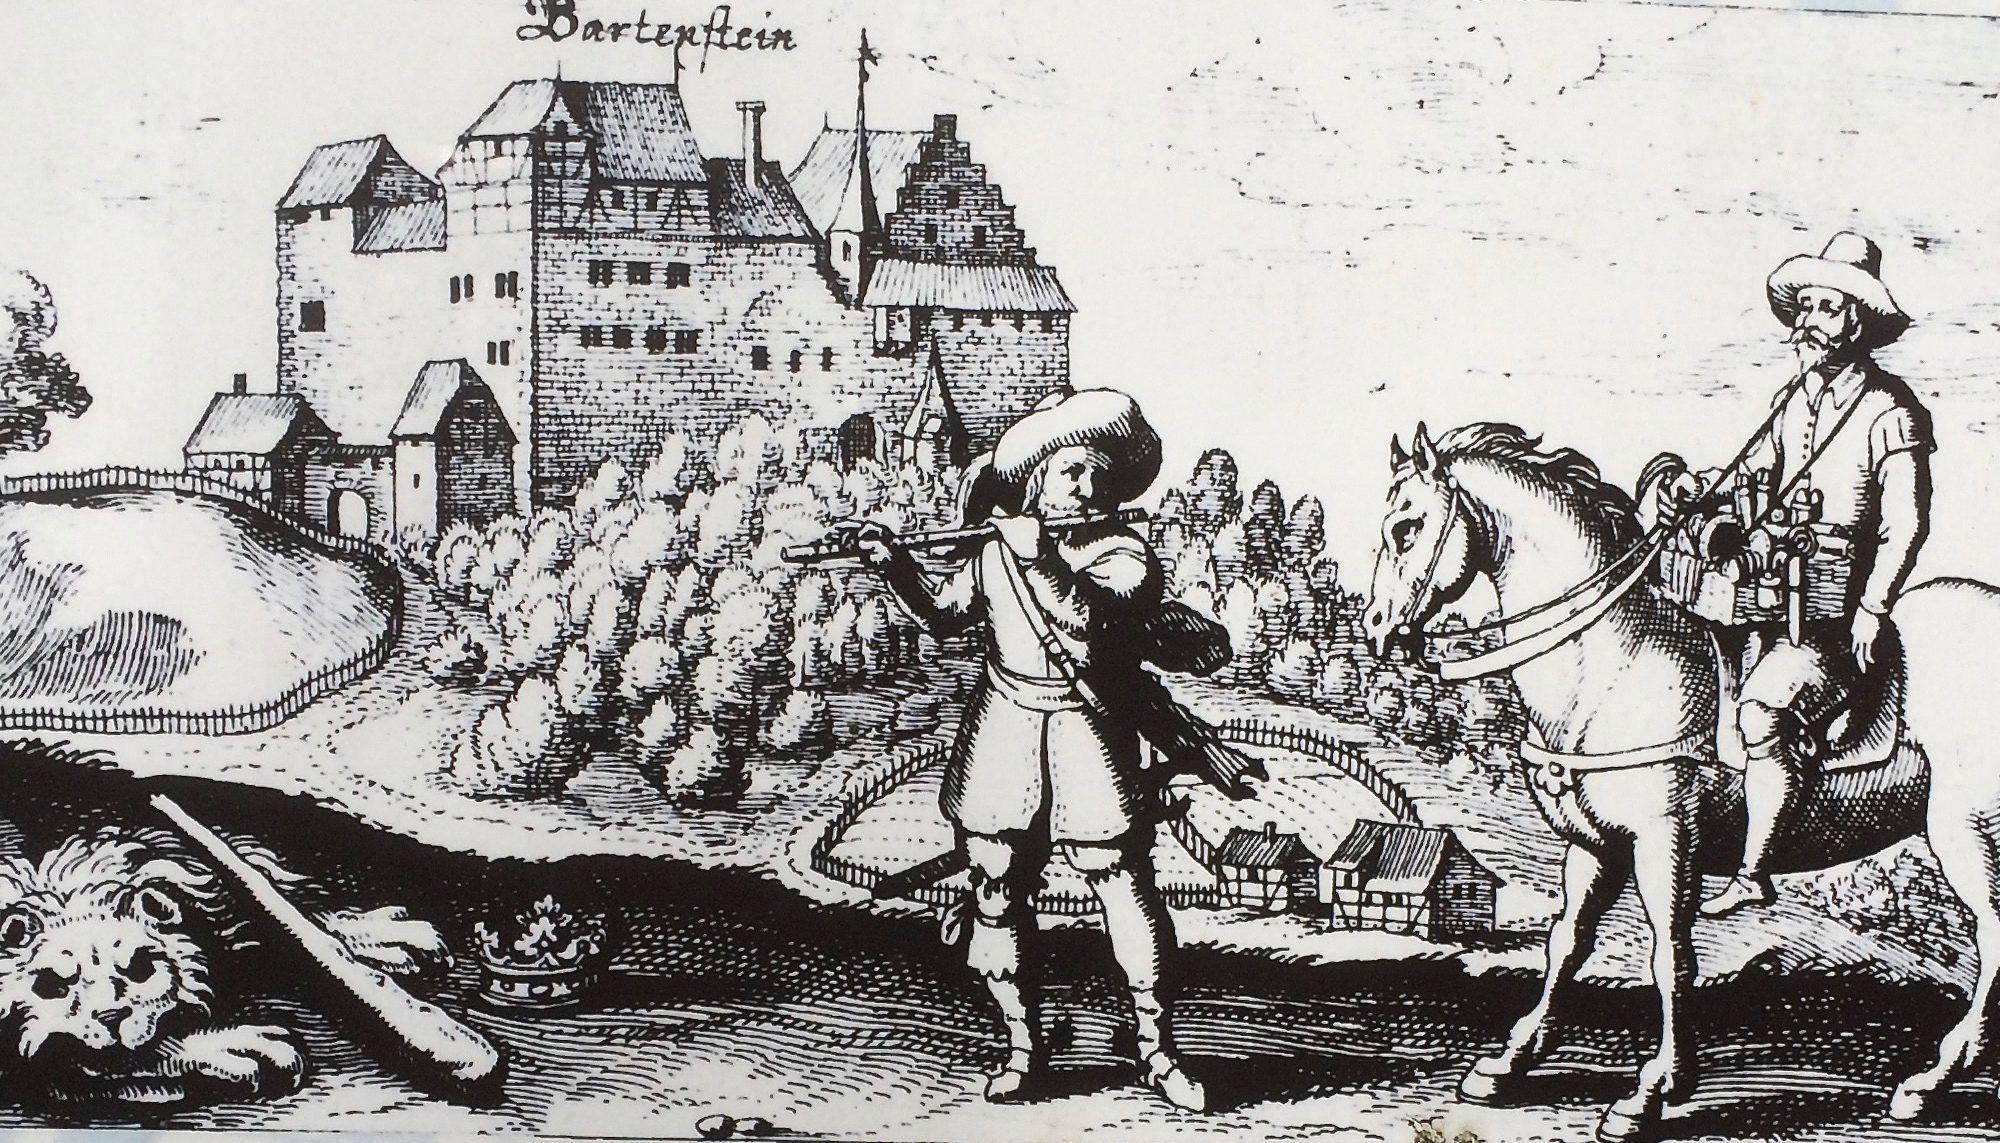 Diesen Kupferstich von der Burg Bartenstein fertigte Johann Eckard Löffler 1623. Rund zehn Jahre später wurde das Bauwerk aufgelassen. | Repro: B. Schneider